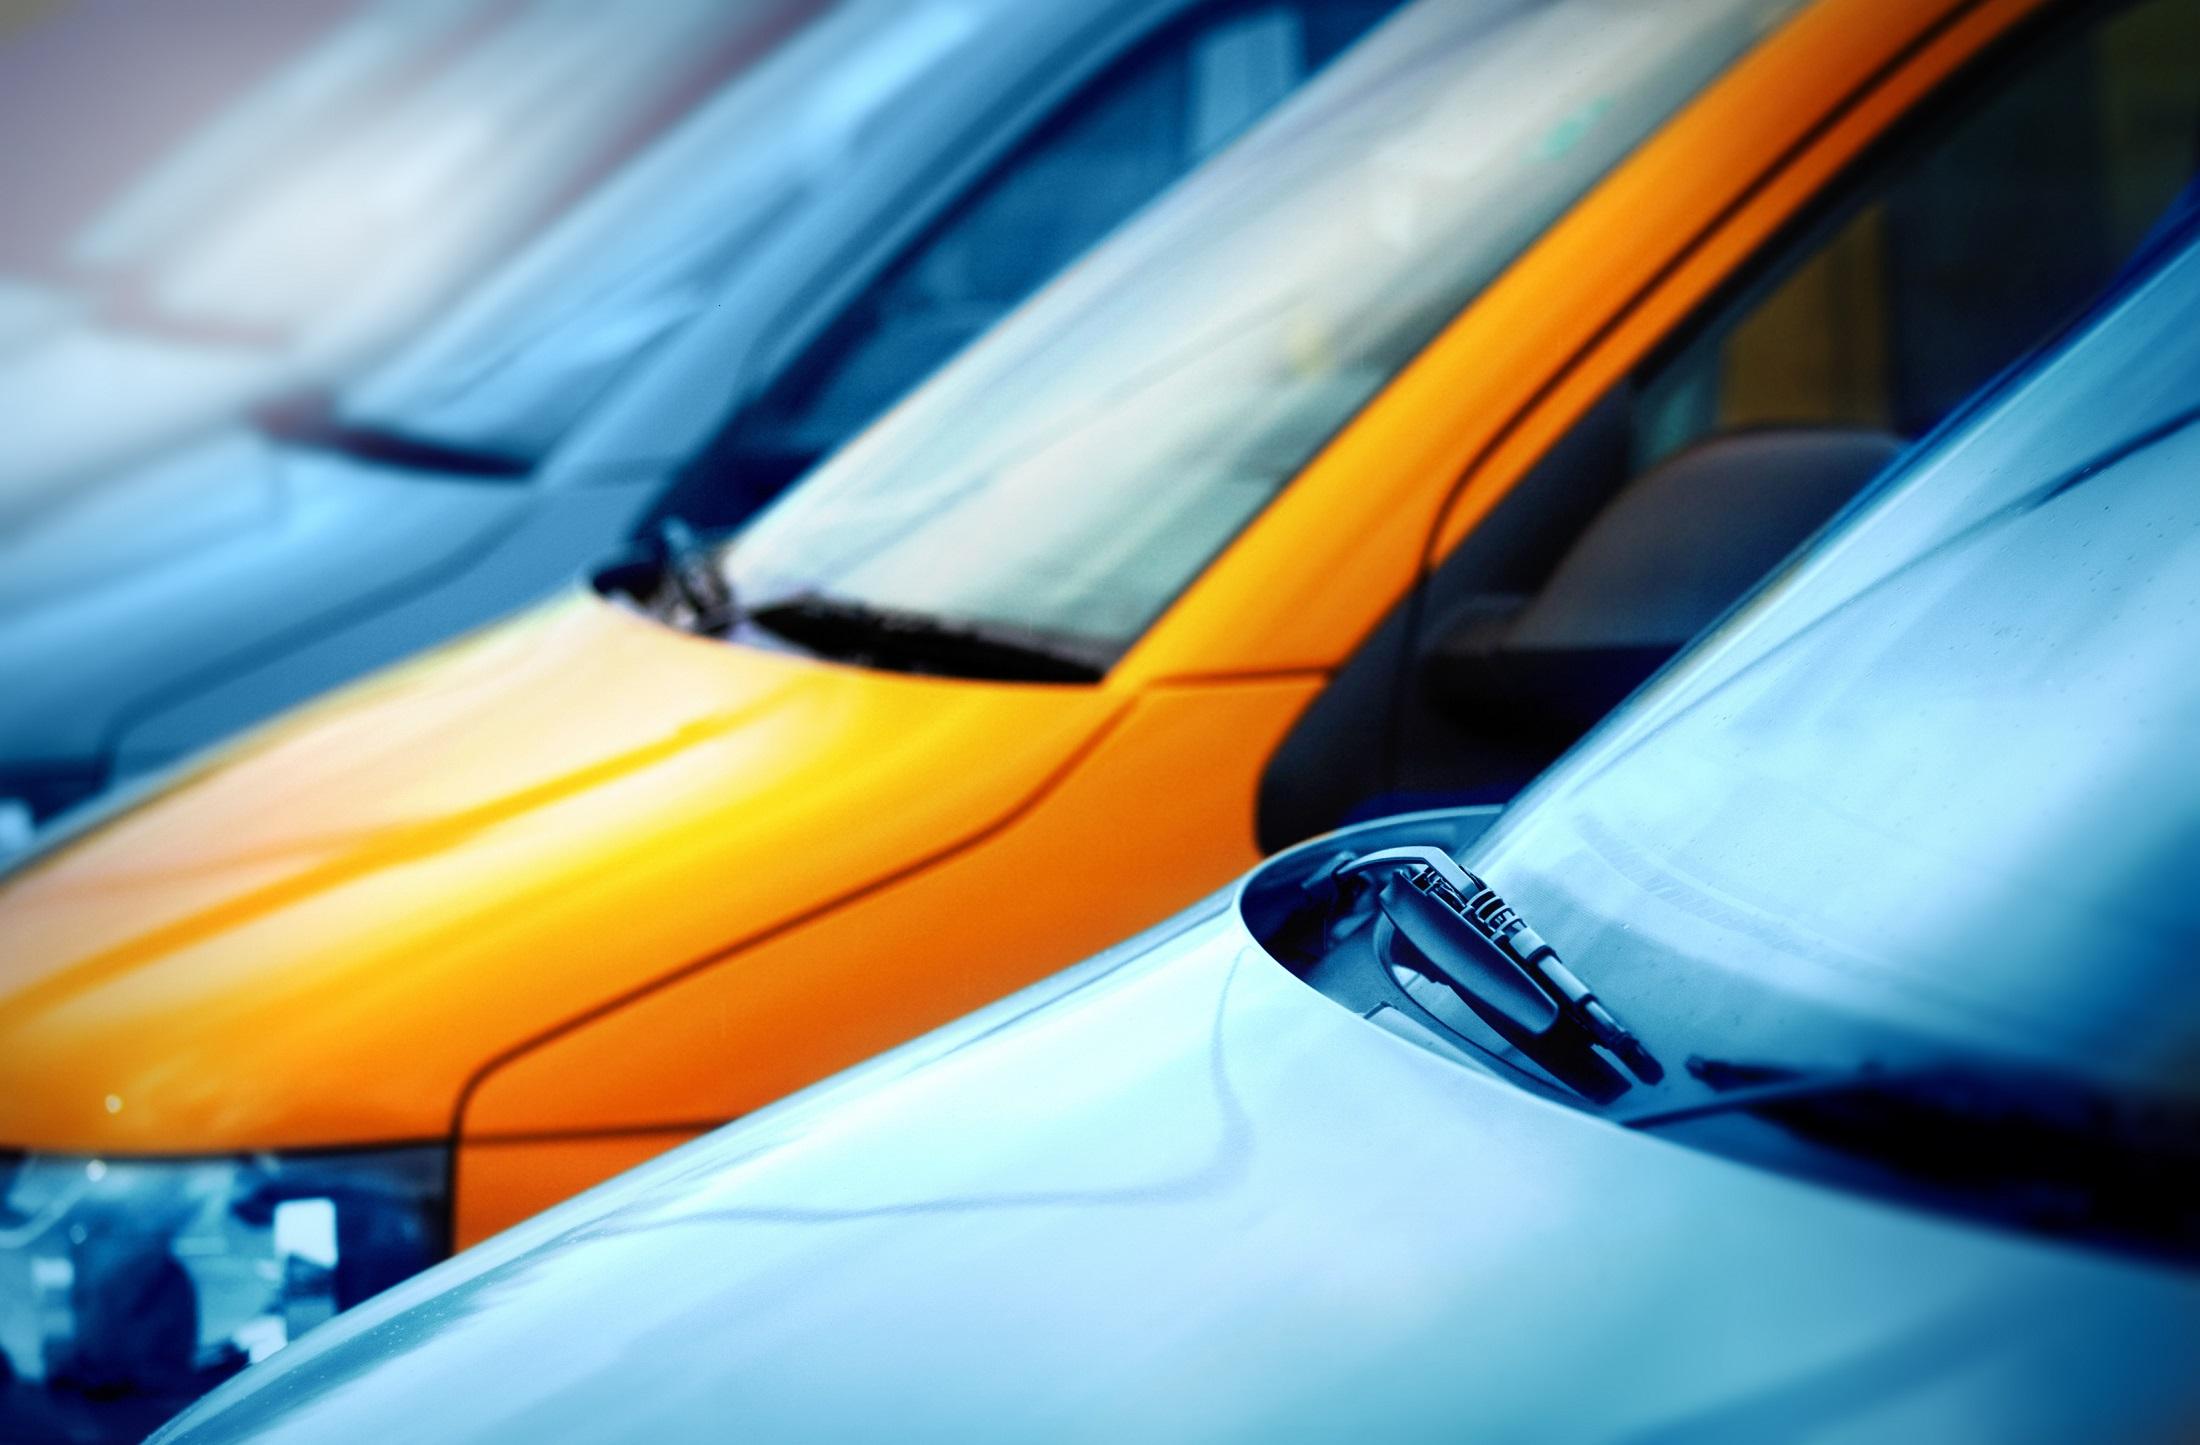 Importere bil til norge